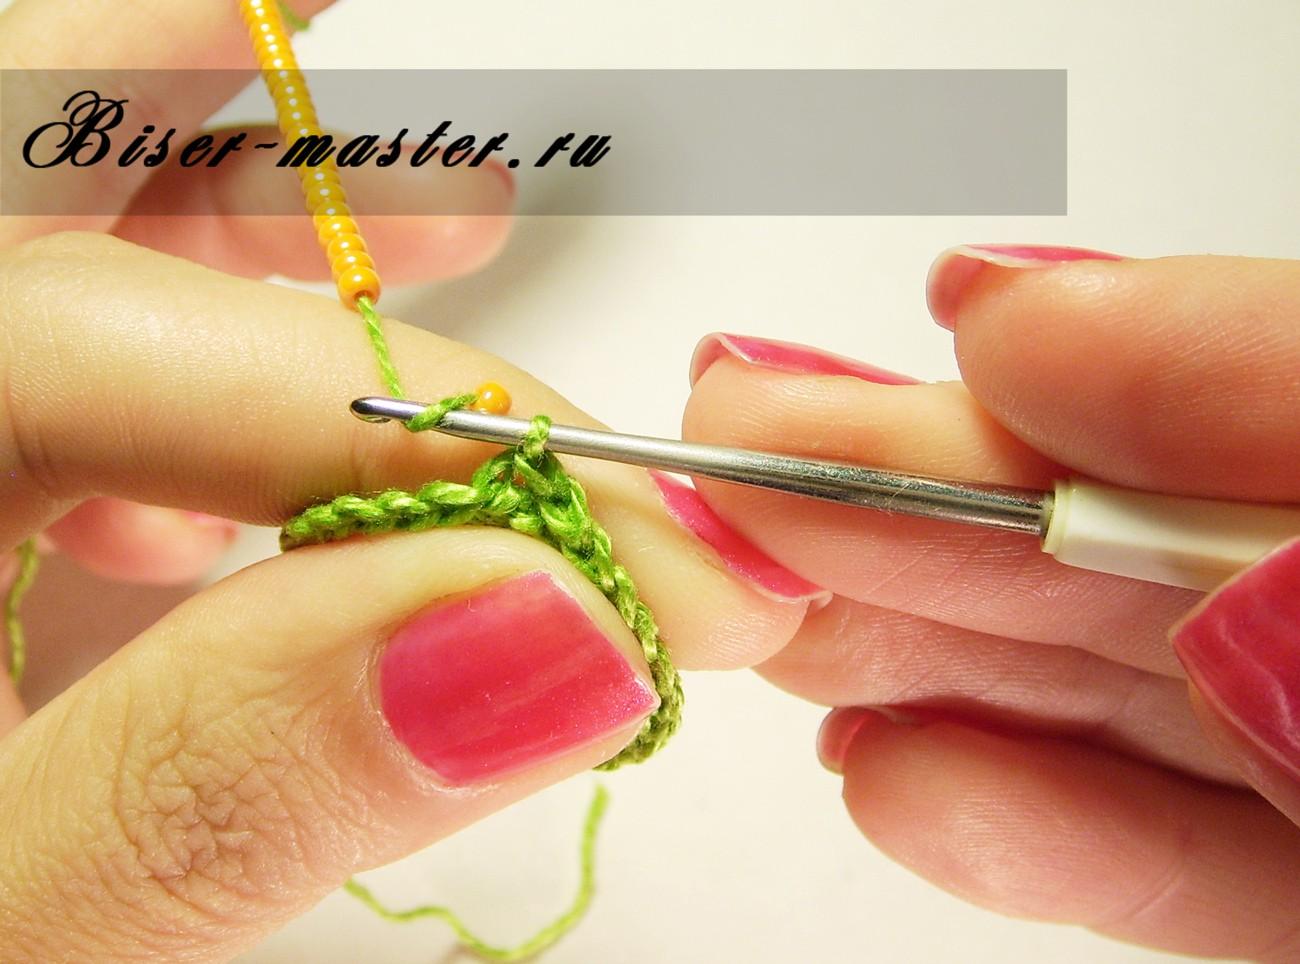 Вязание крючком с бисером: мастер-класс для начинающих